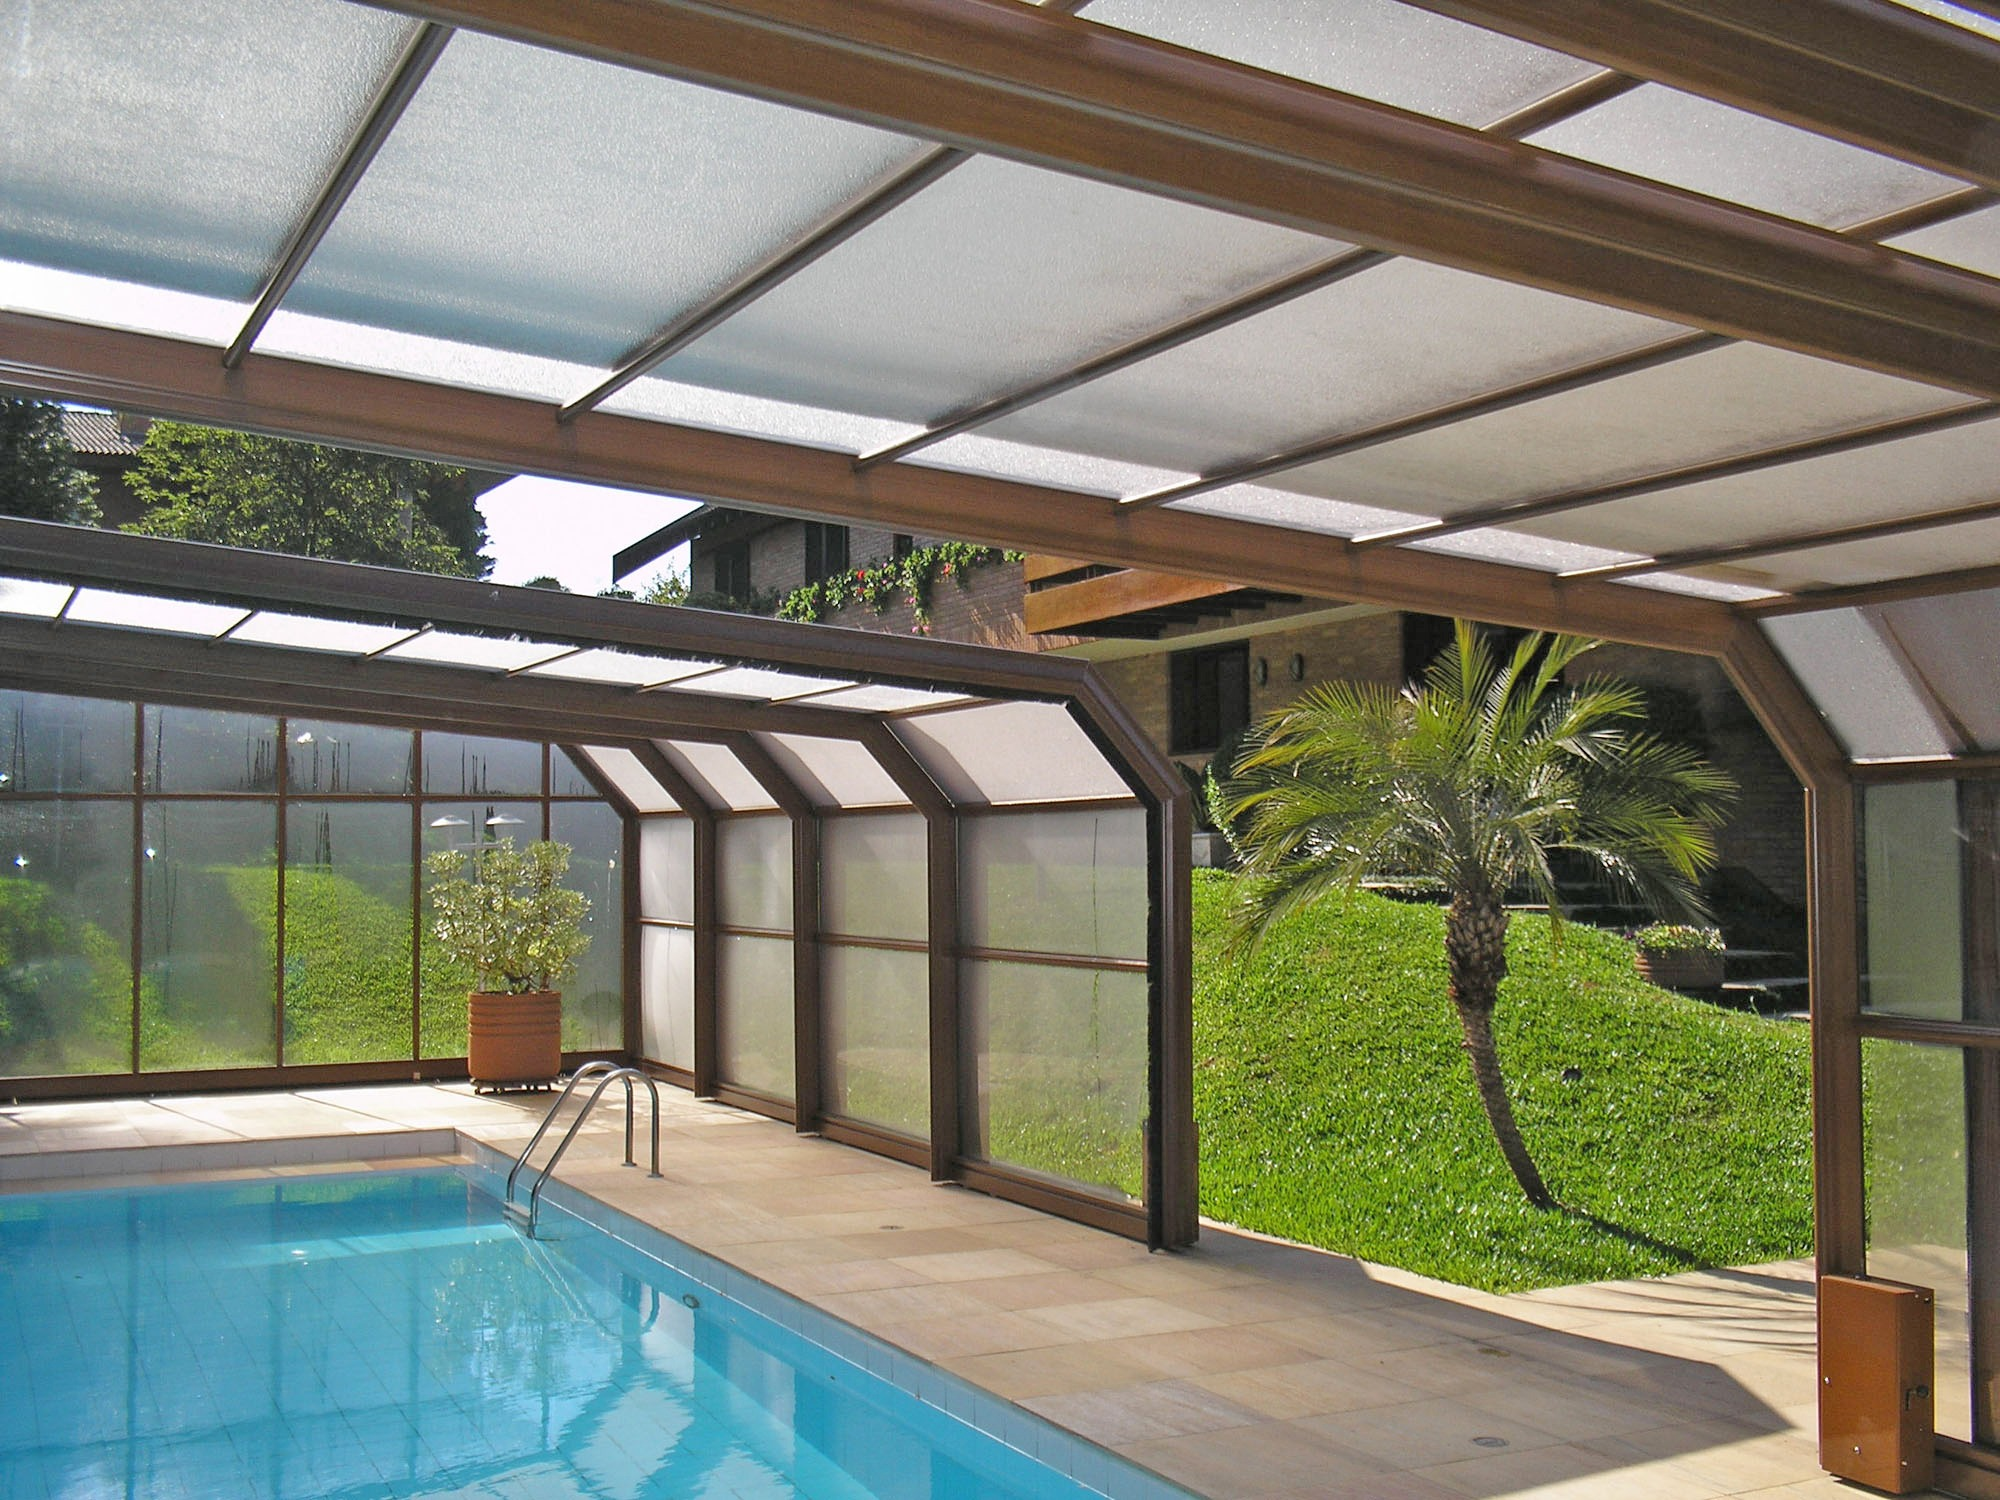 Vale a pena uma cobertura de piscina conhe a os tipos e for Coberturas para piscinas